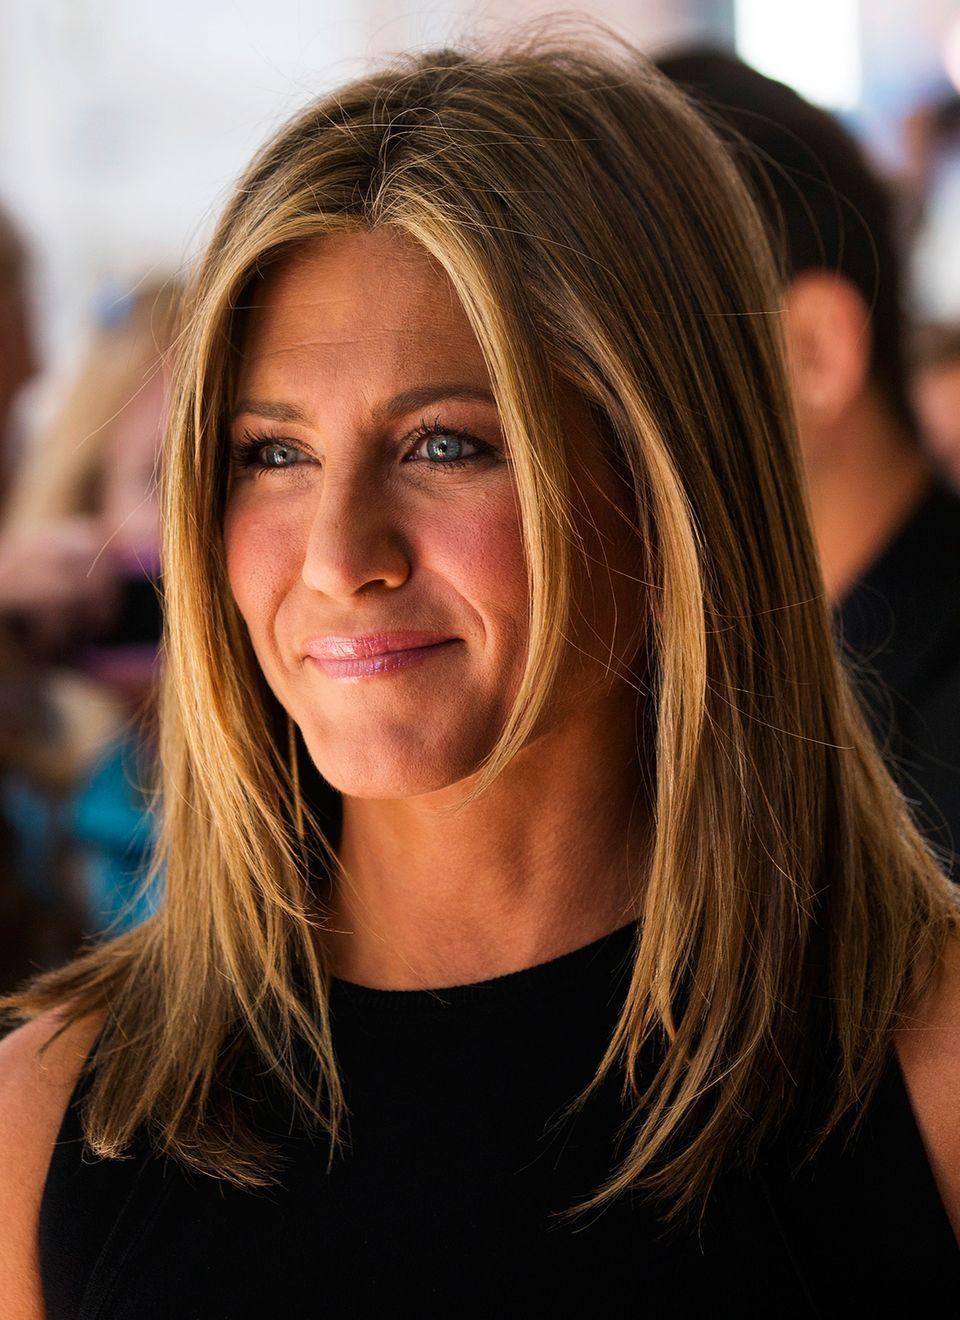 Jennifer Anistons Leicht Gestufte Frisur Mit Mittelscheitel Ist Schon Ein Absoluter Echter Klassiker Den Mittelscheitel Frisuren Haarschnitt Haarschnitt Ideen